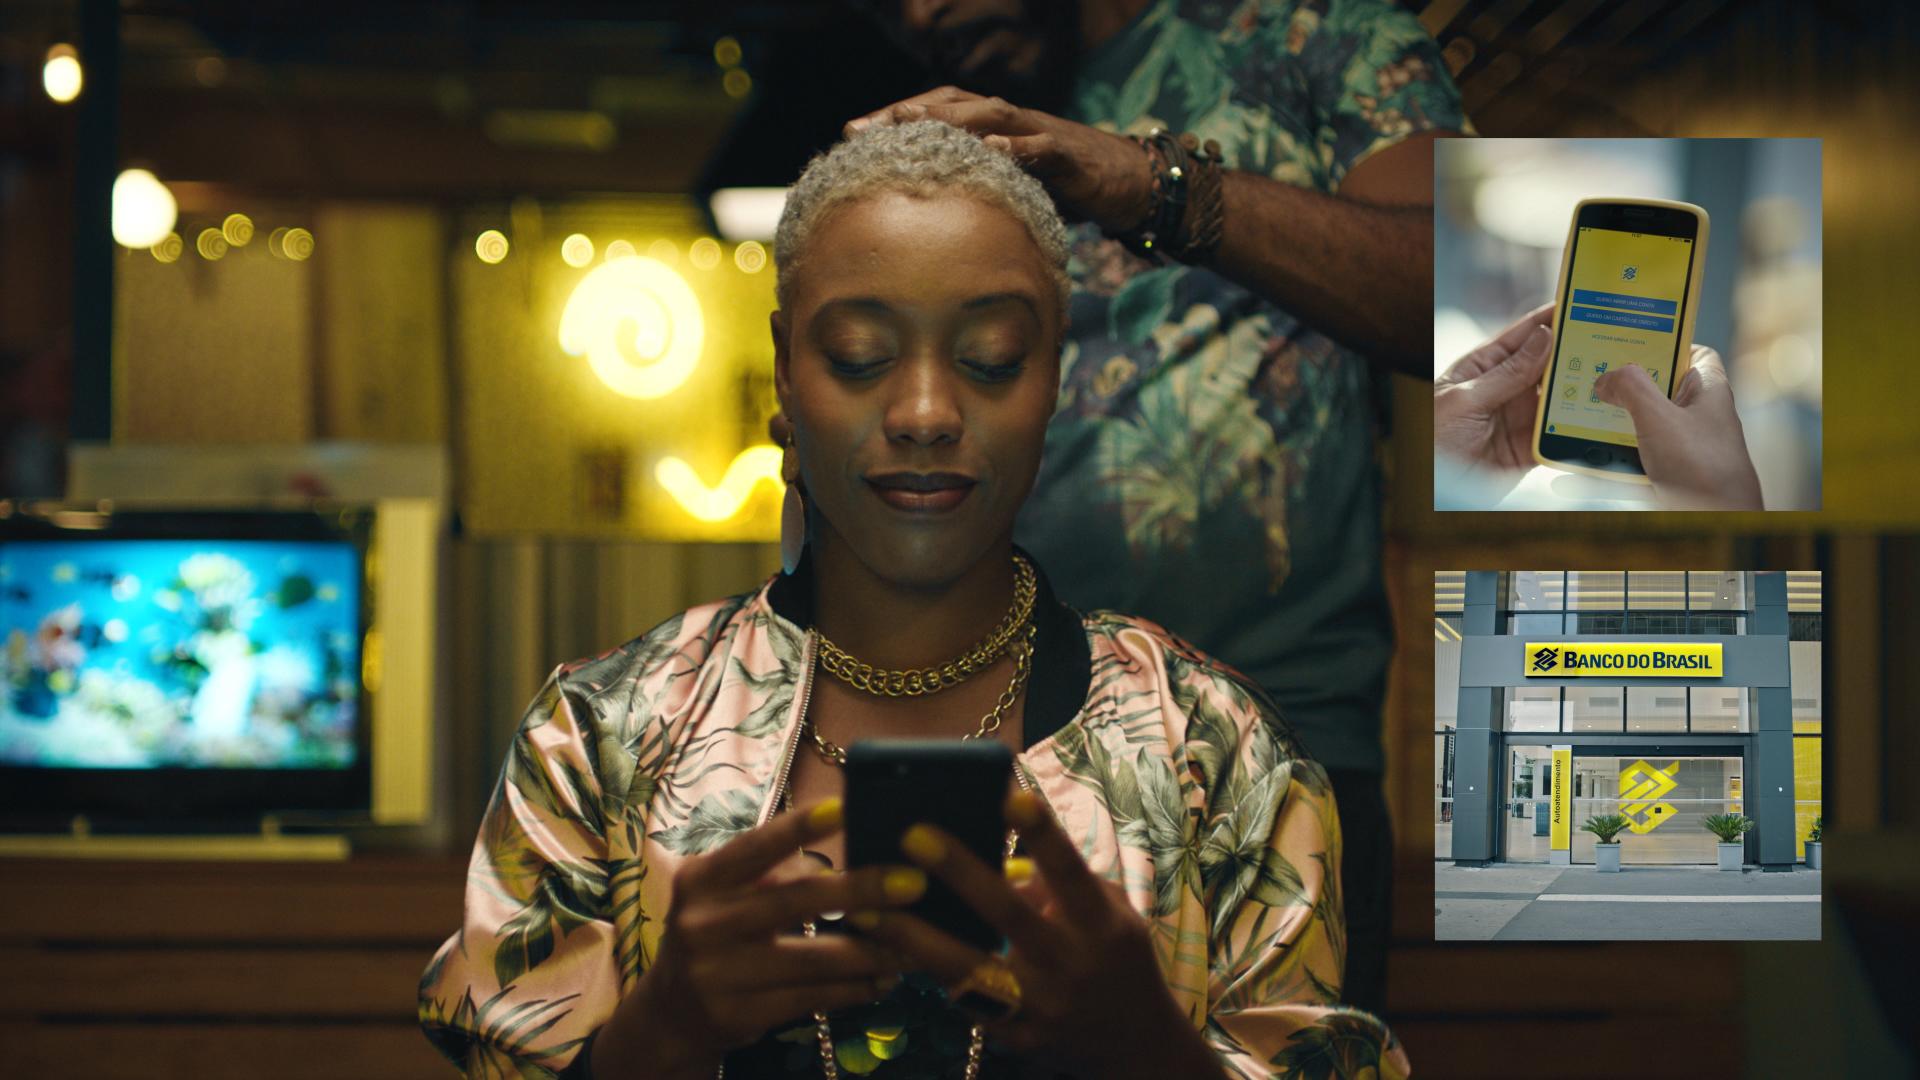 Uma mulher mexe no aplicativo do Banco do Brasil enquanto um cabeleireiro mexe em seu cabelo.